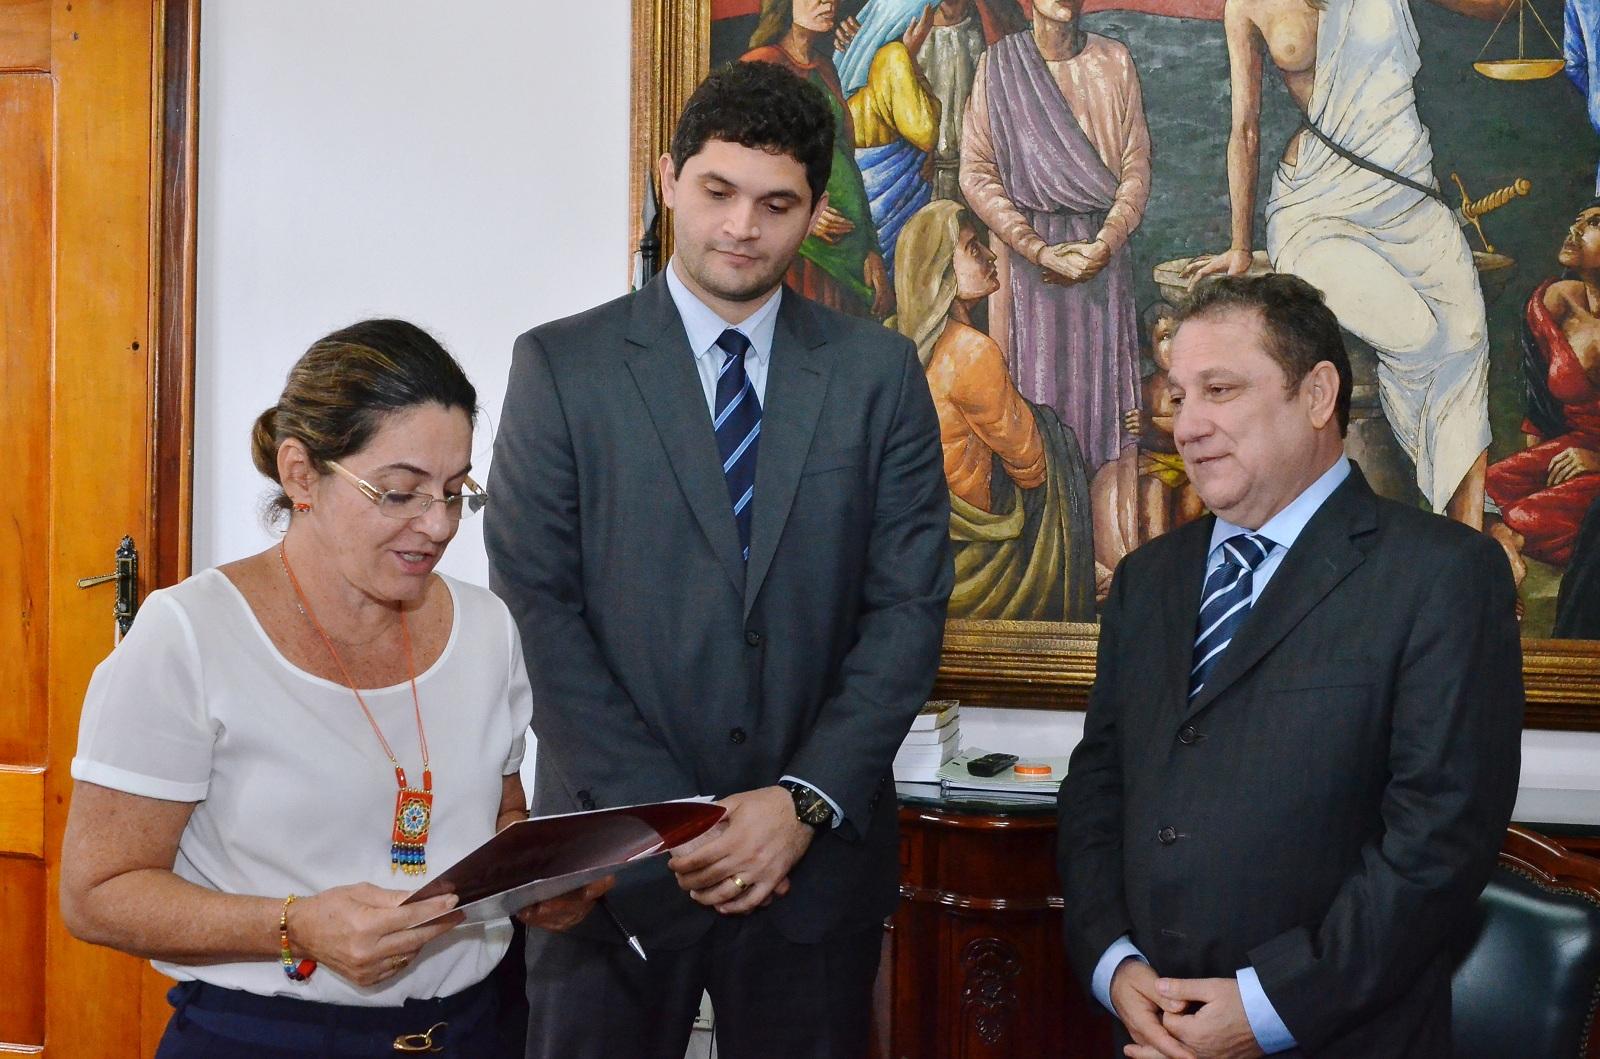 Resultado de imagem para Juiz Danilo Mendes e Santana